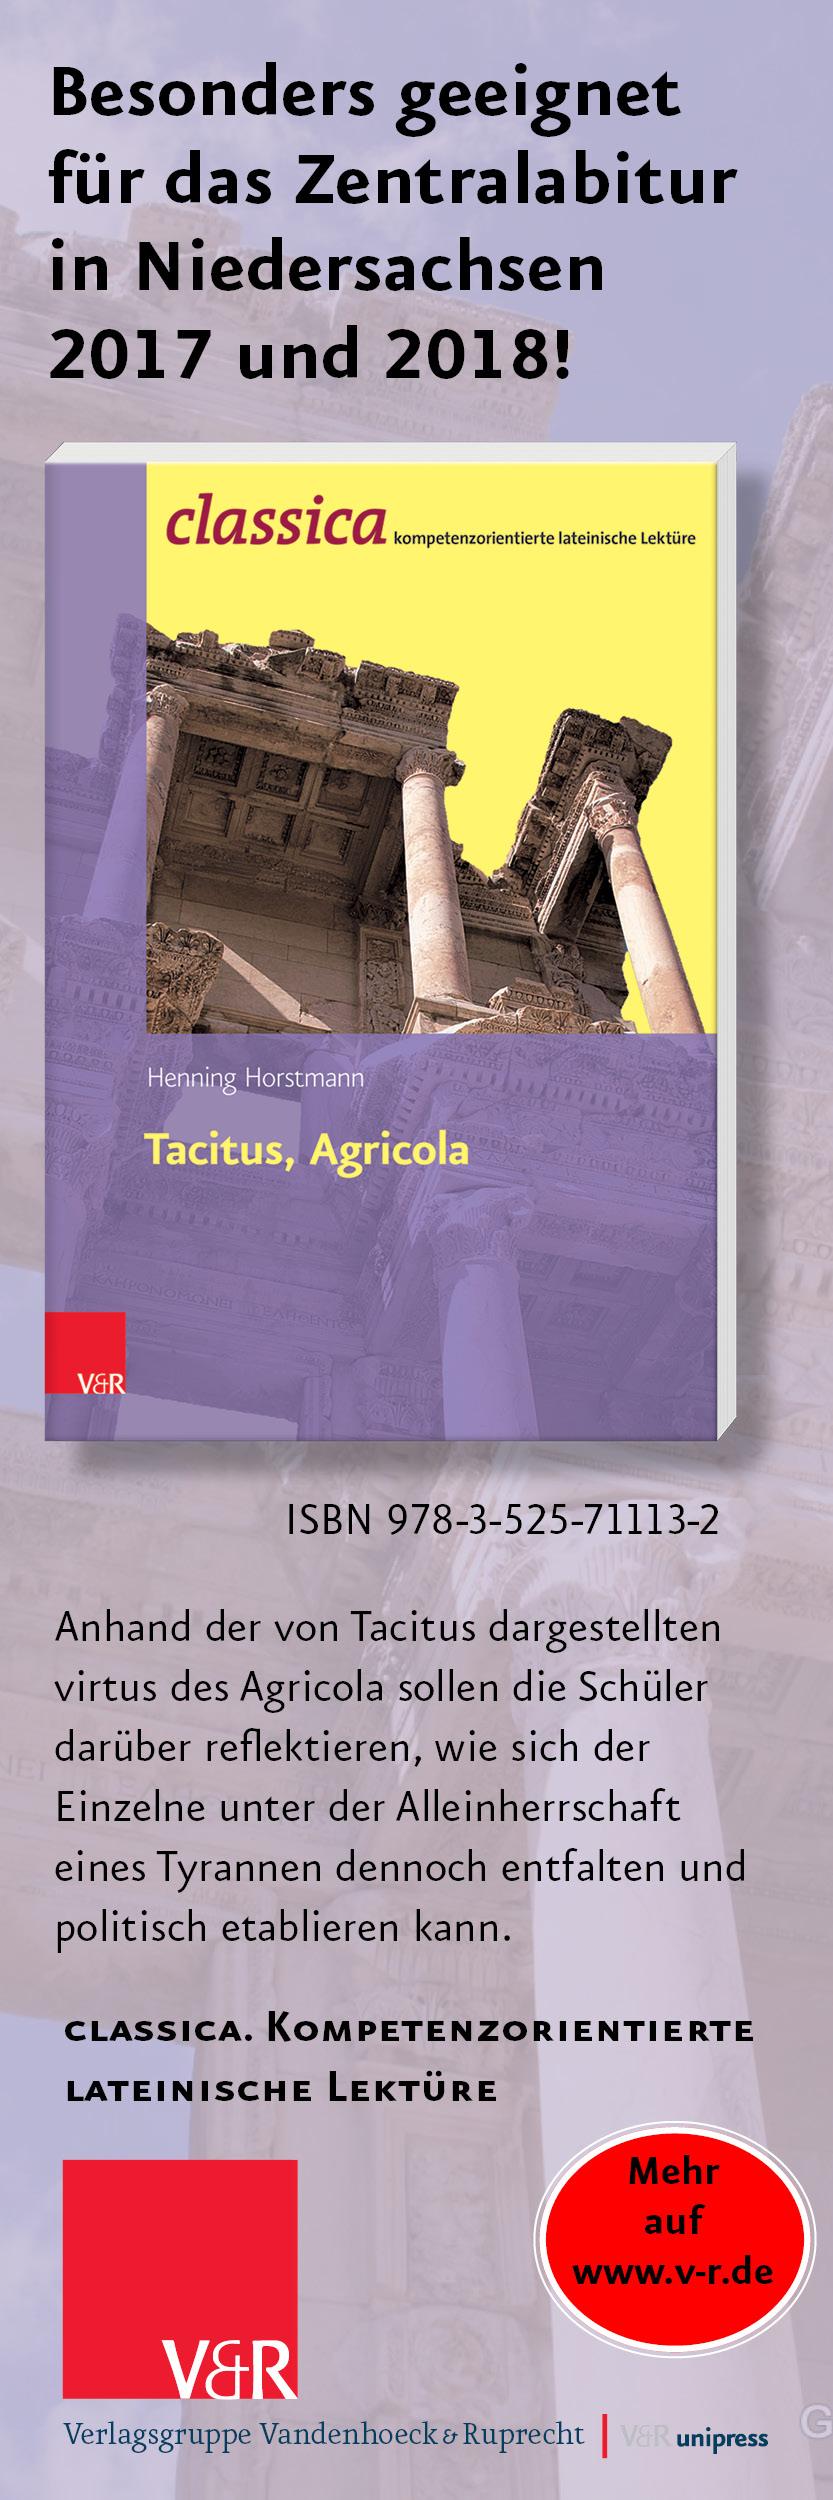 V&R: Classica - Tacitus, Agricola